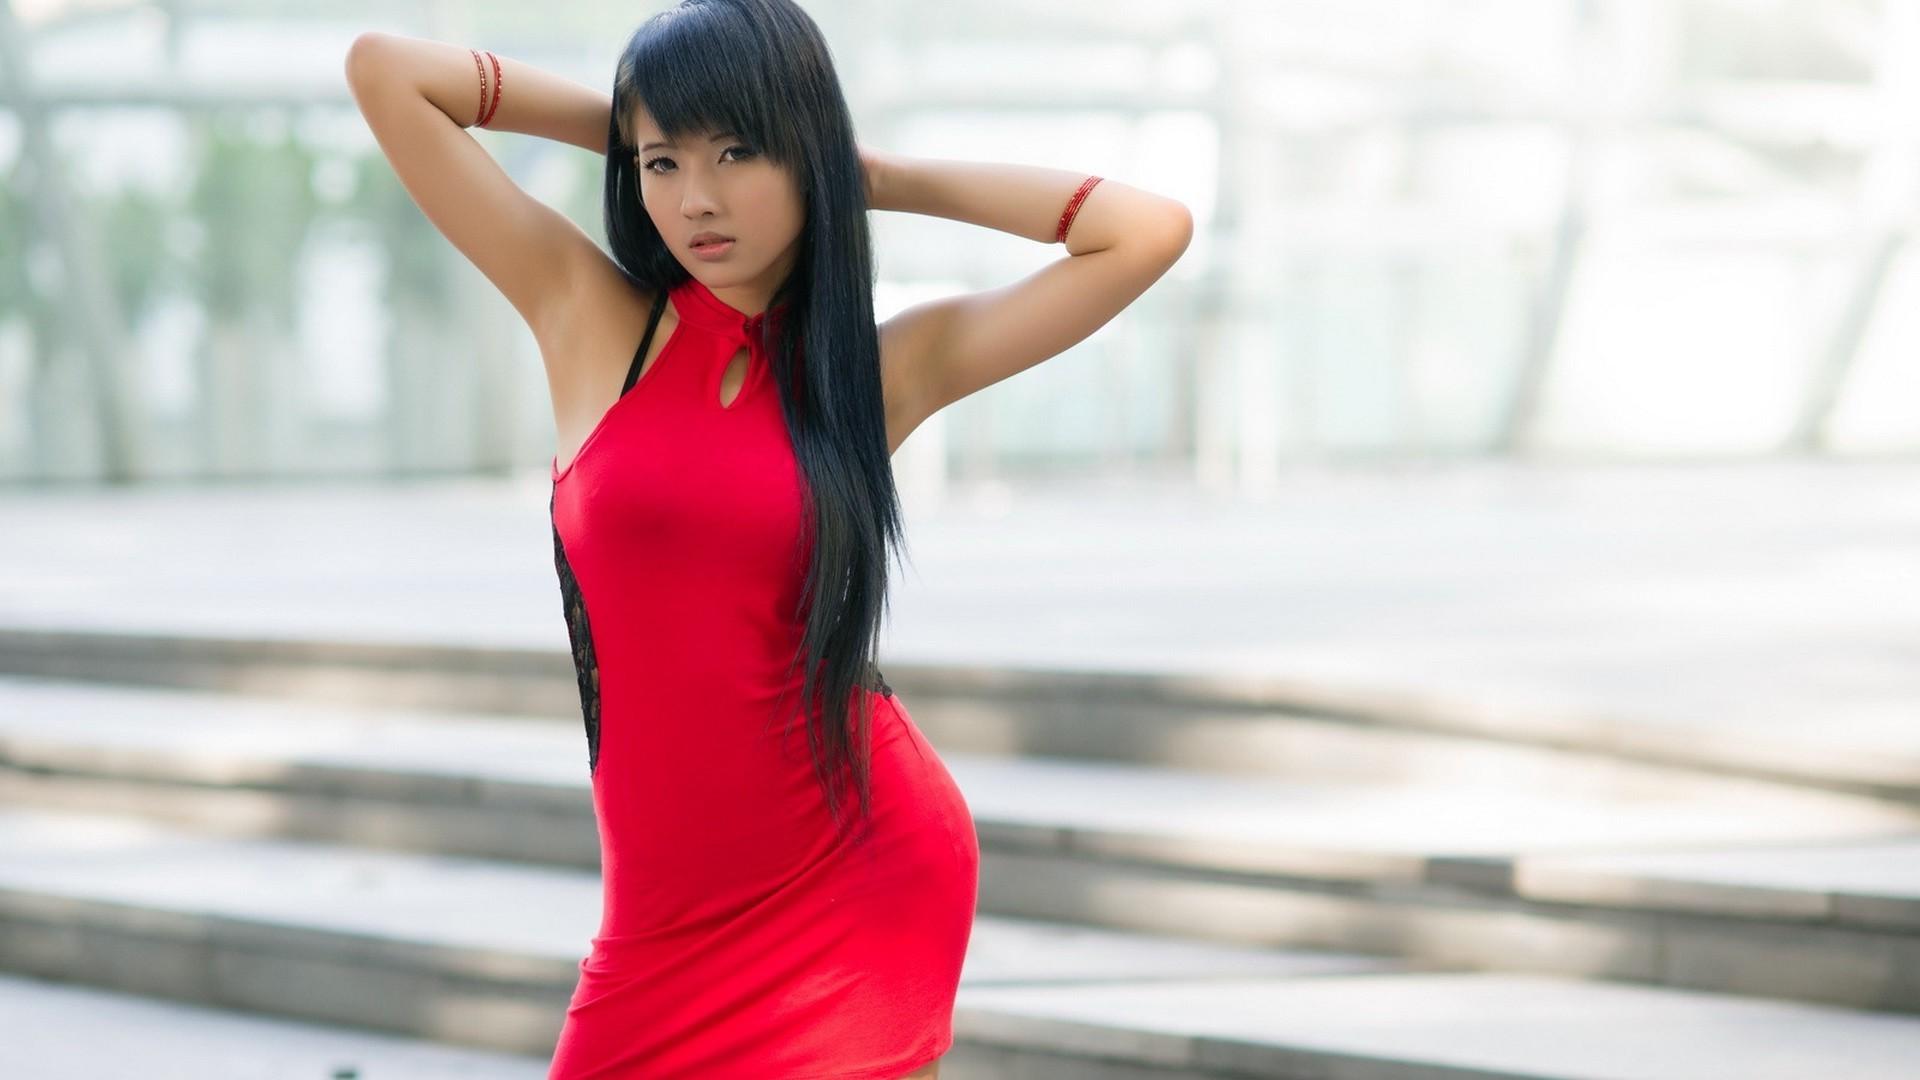 1920x1080 Px Asian Red Dress Women